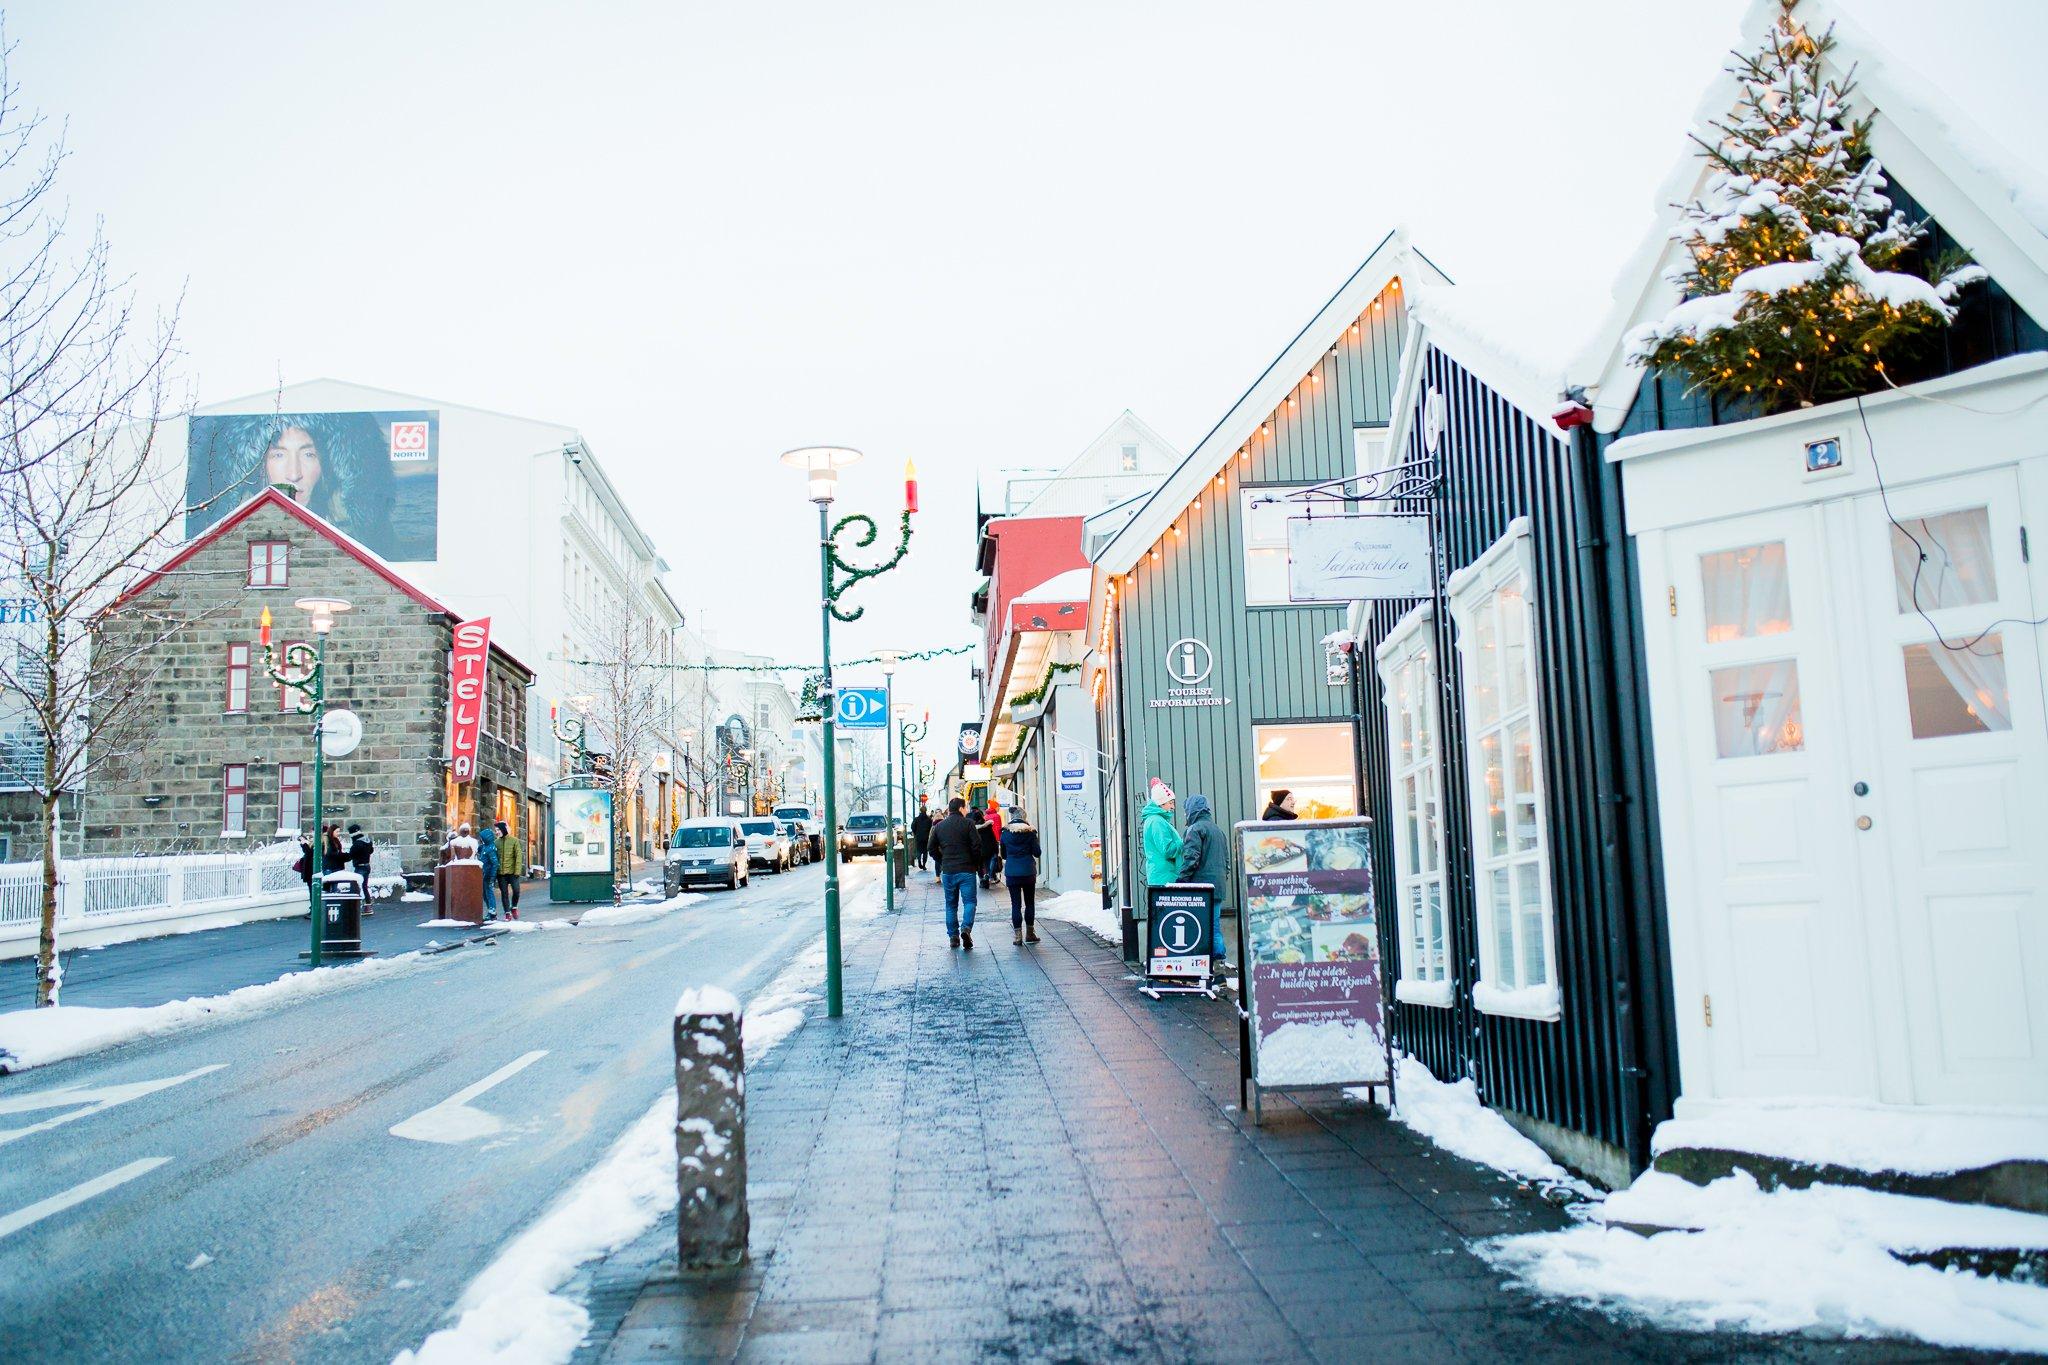 2014-12-19_0033.jpg